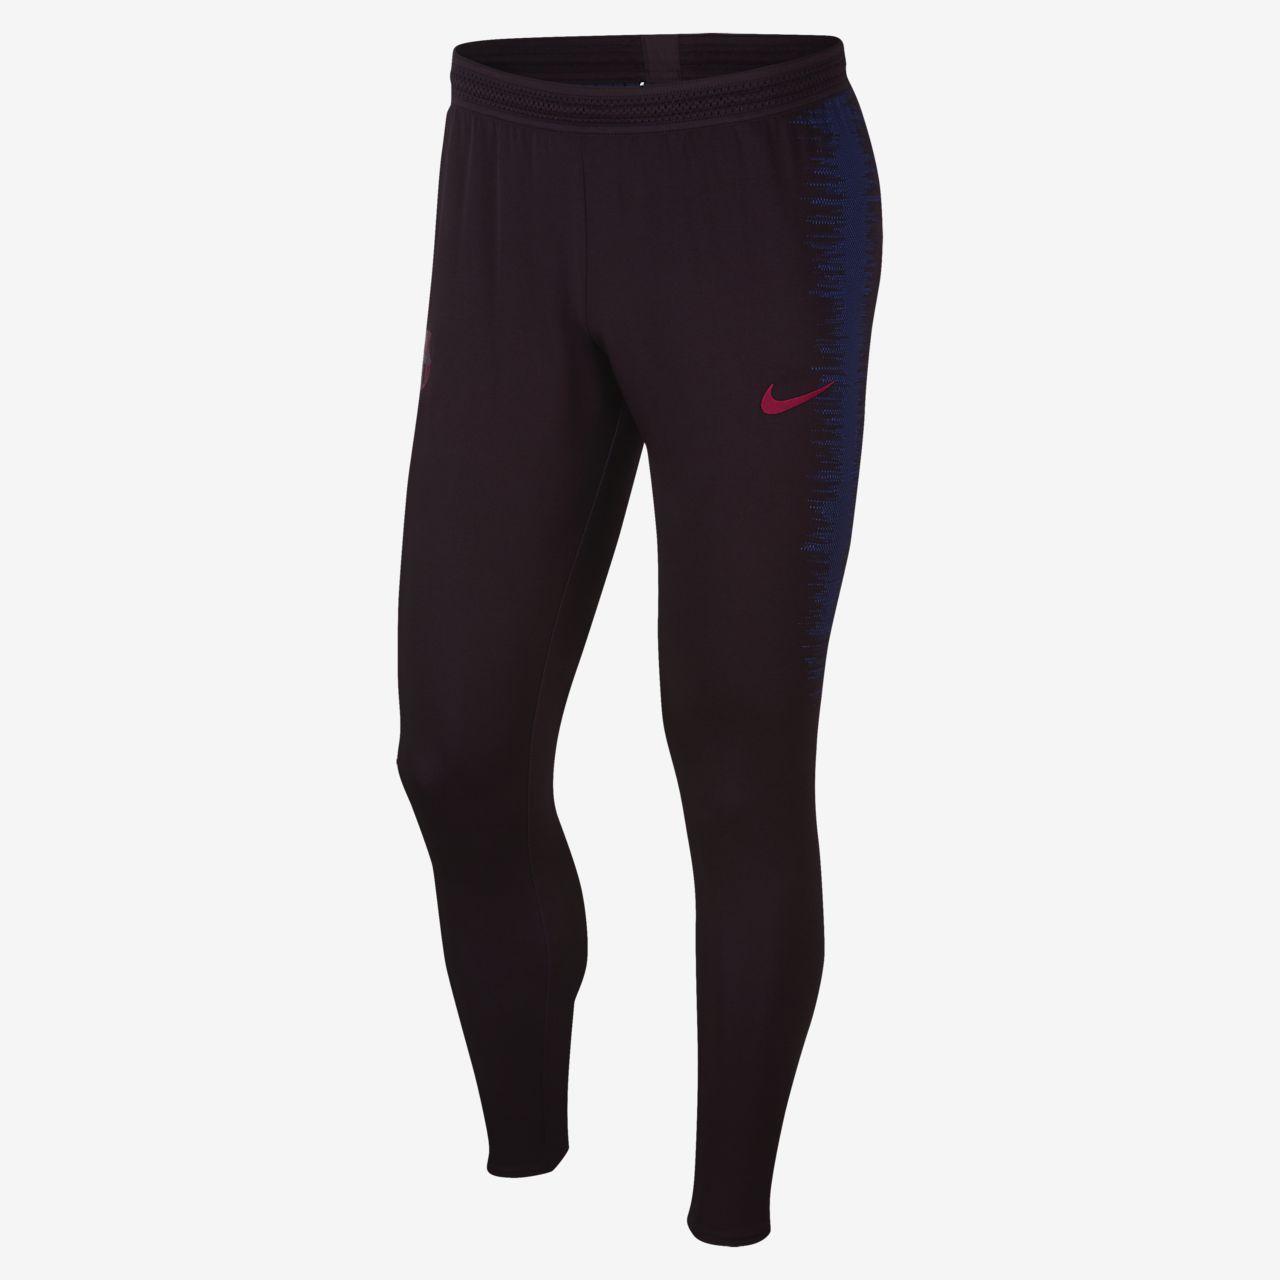 Ανδρικό ποδοσφαιρικό παντελόνι Nike VaporKnit FC Barcelona Strike